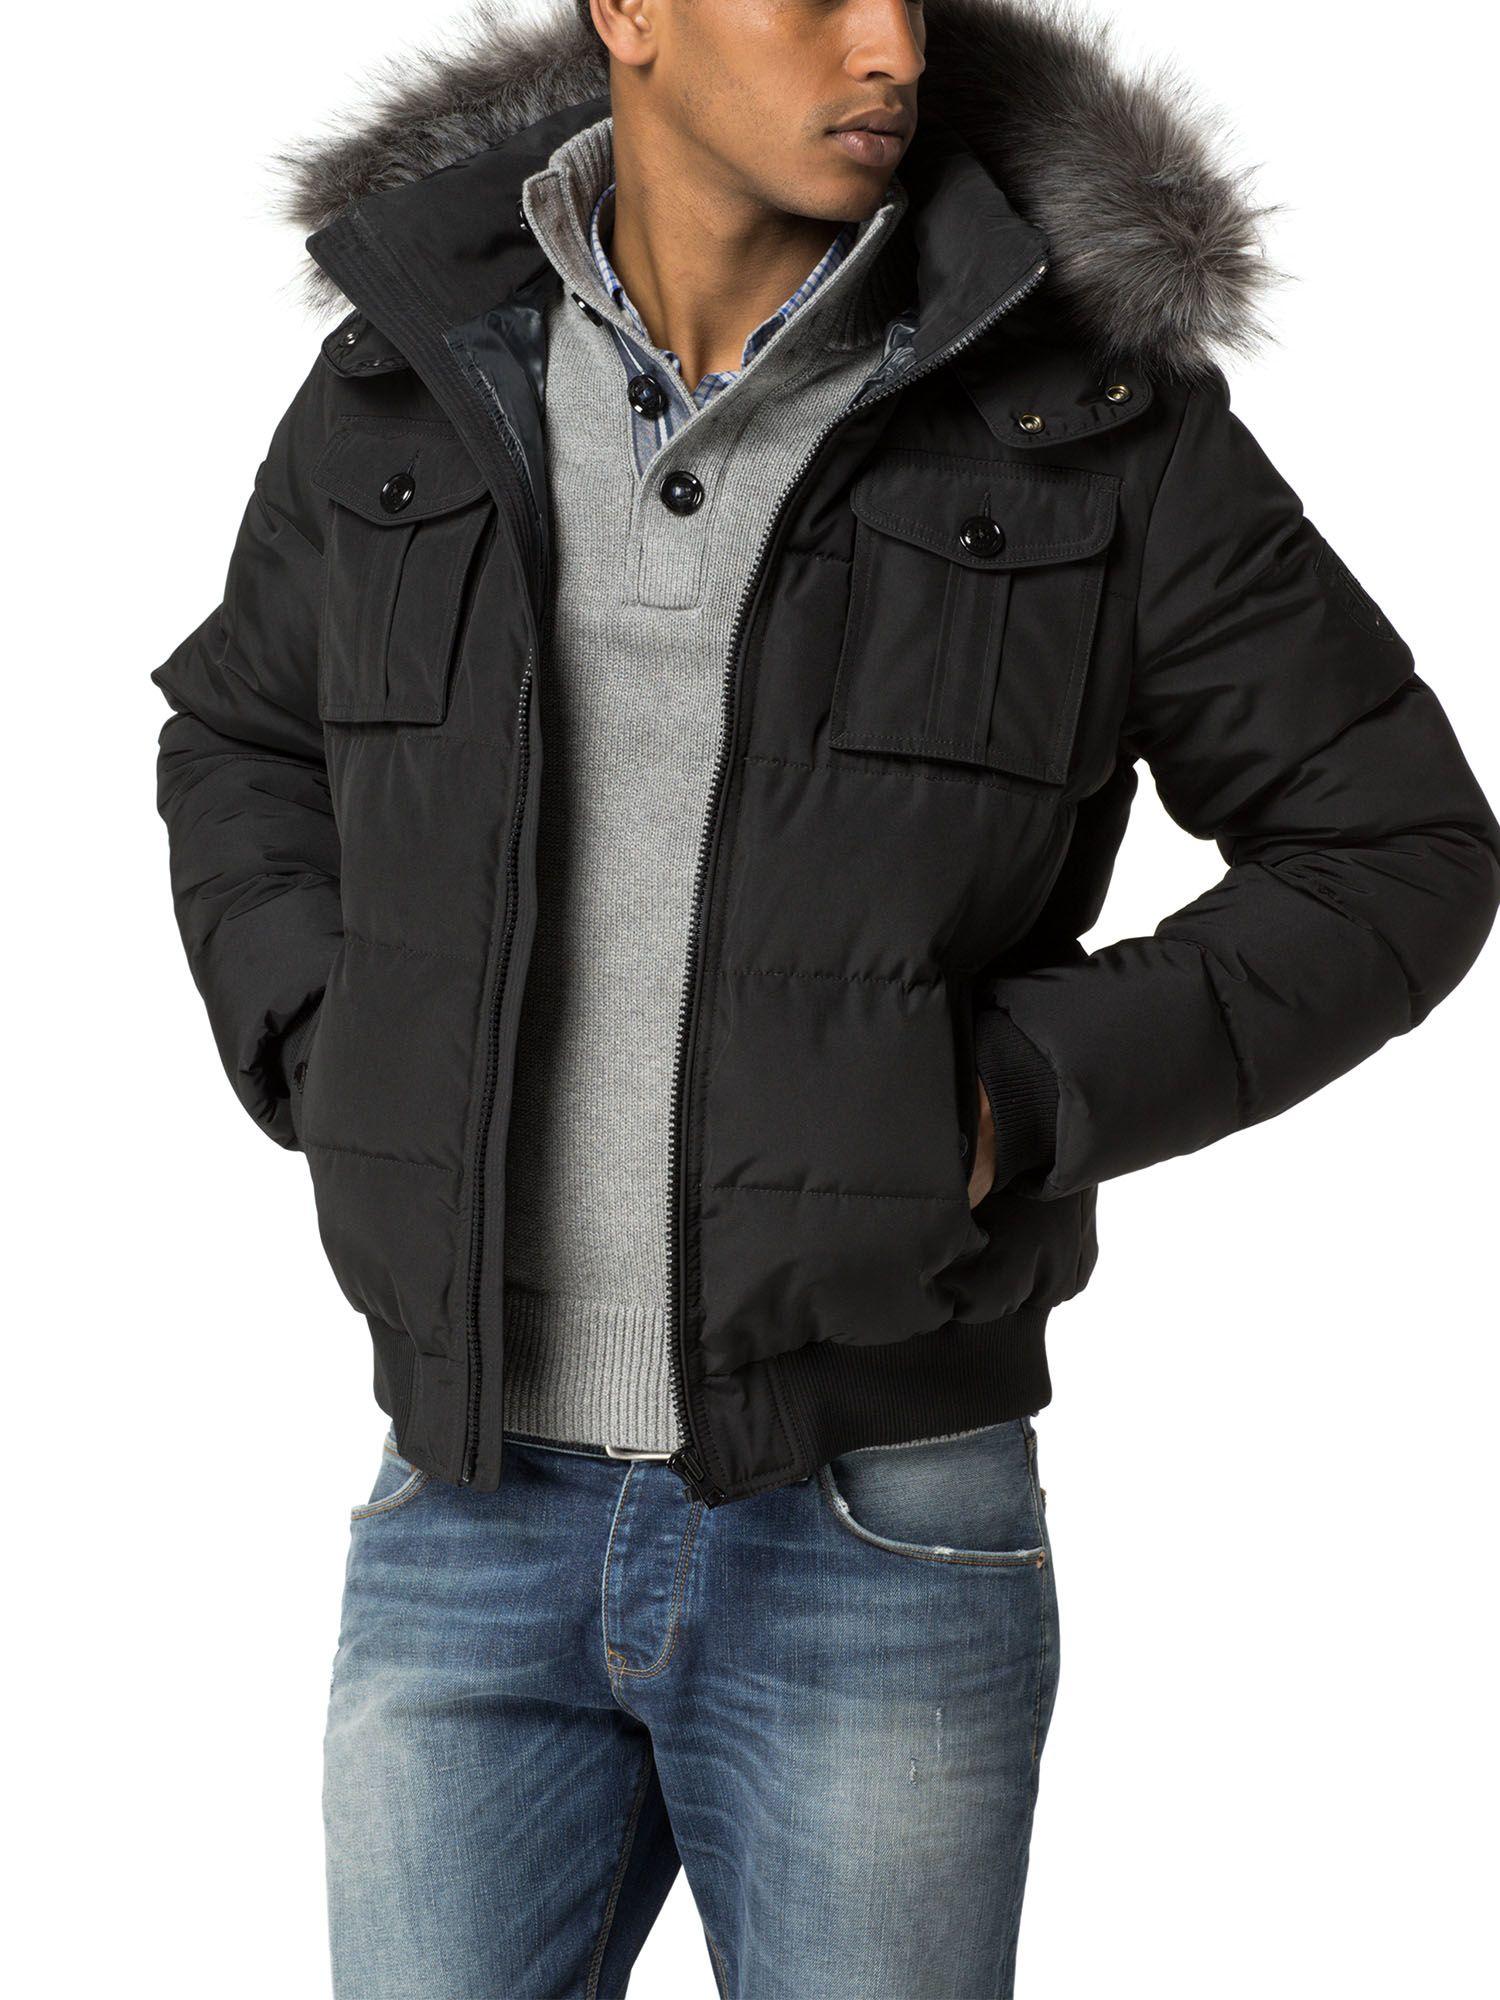 tommy hilfiger darren bomber jacket in black for men lyst. Black Bedroom Furniture Sets. Home Design Ideas